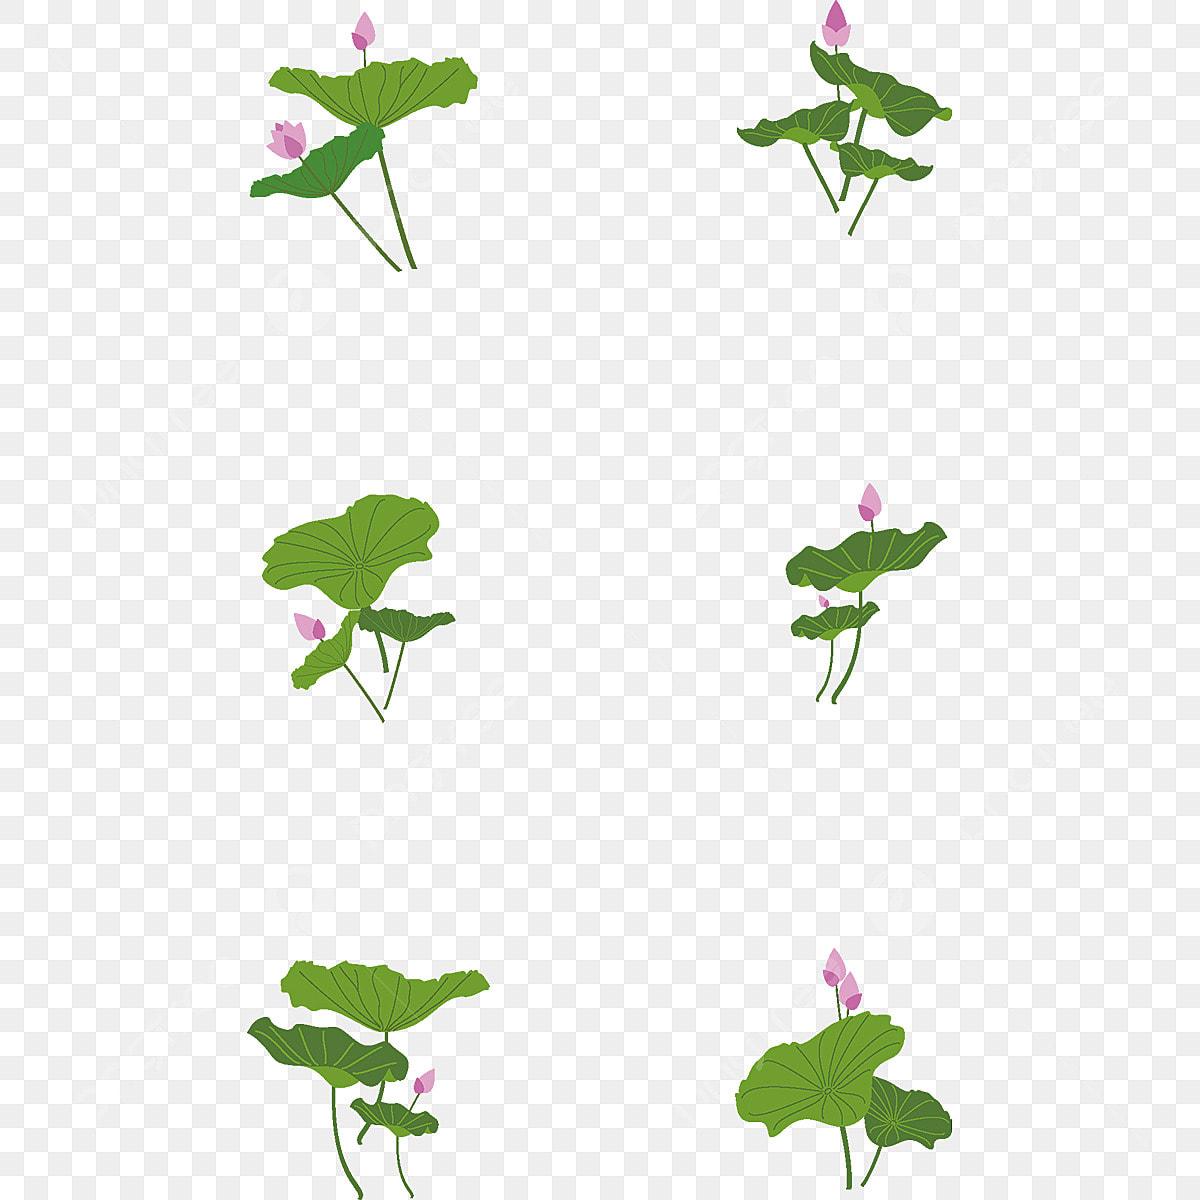 Dessin De Feuilles De Lotus élément Plat Simple Une Faible